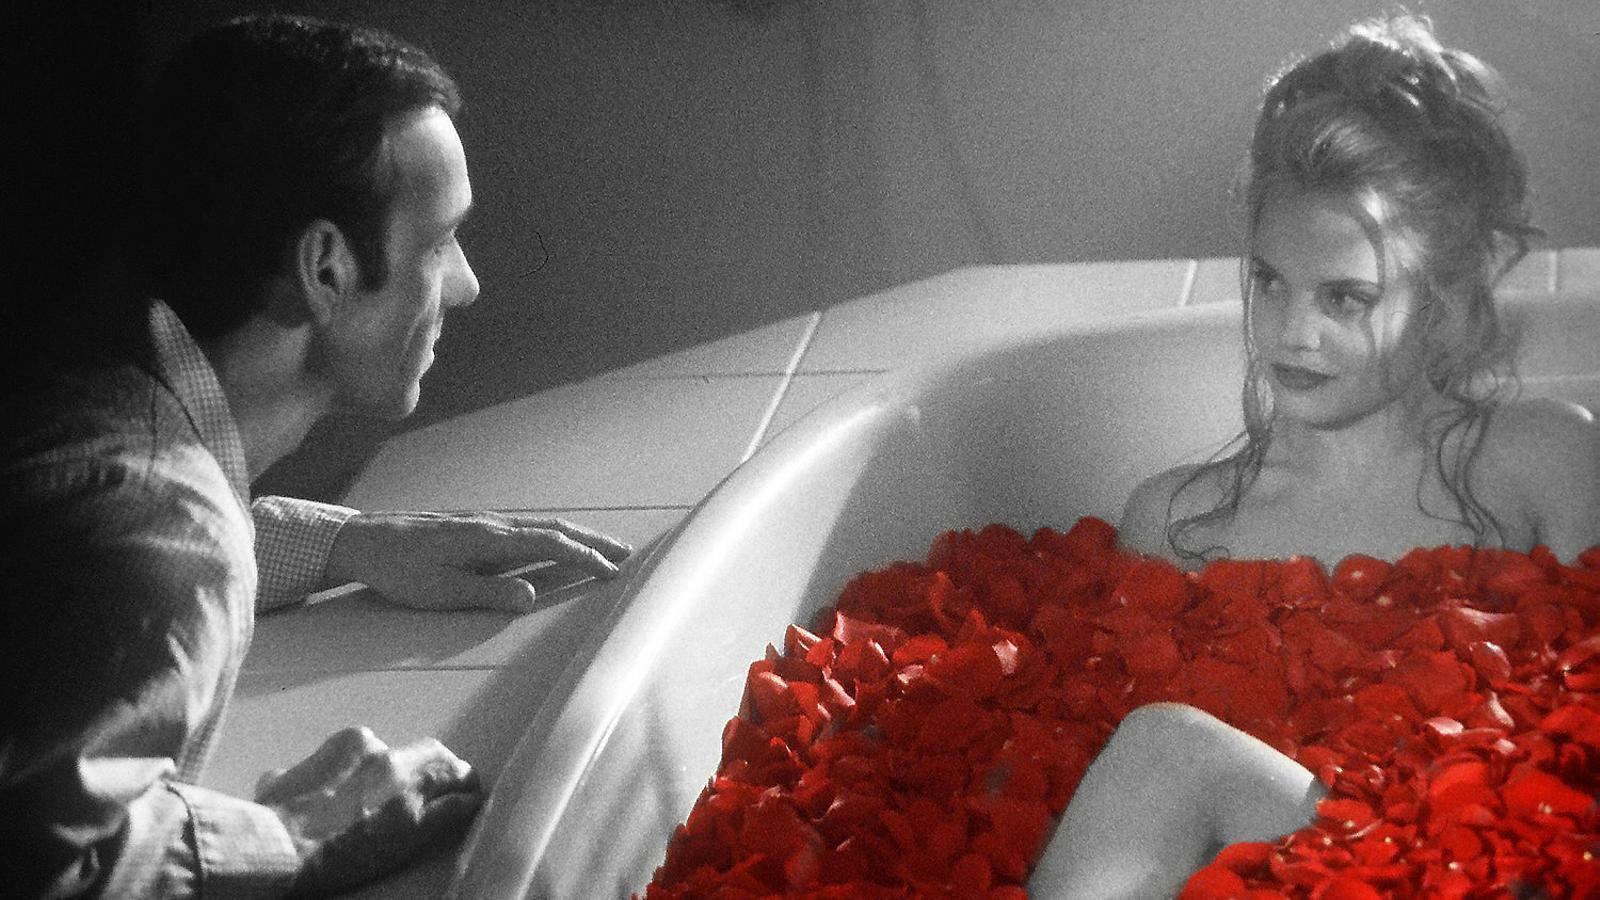 De la rosa només  en queda el nom despullat